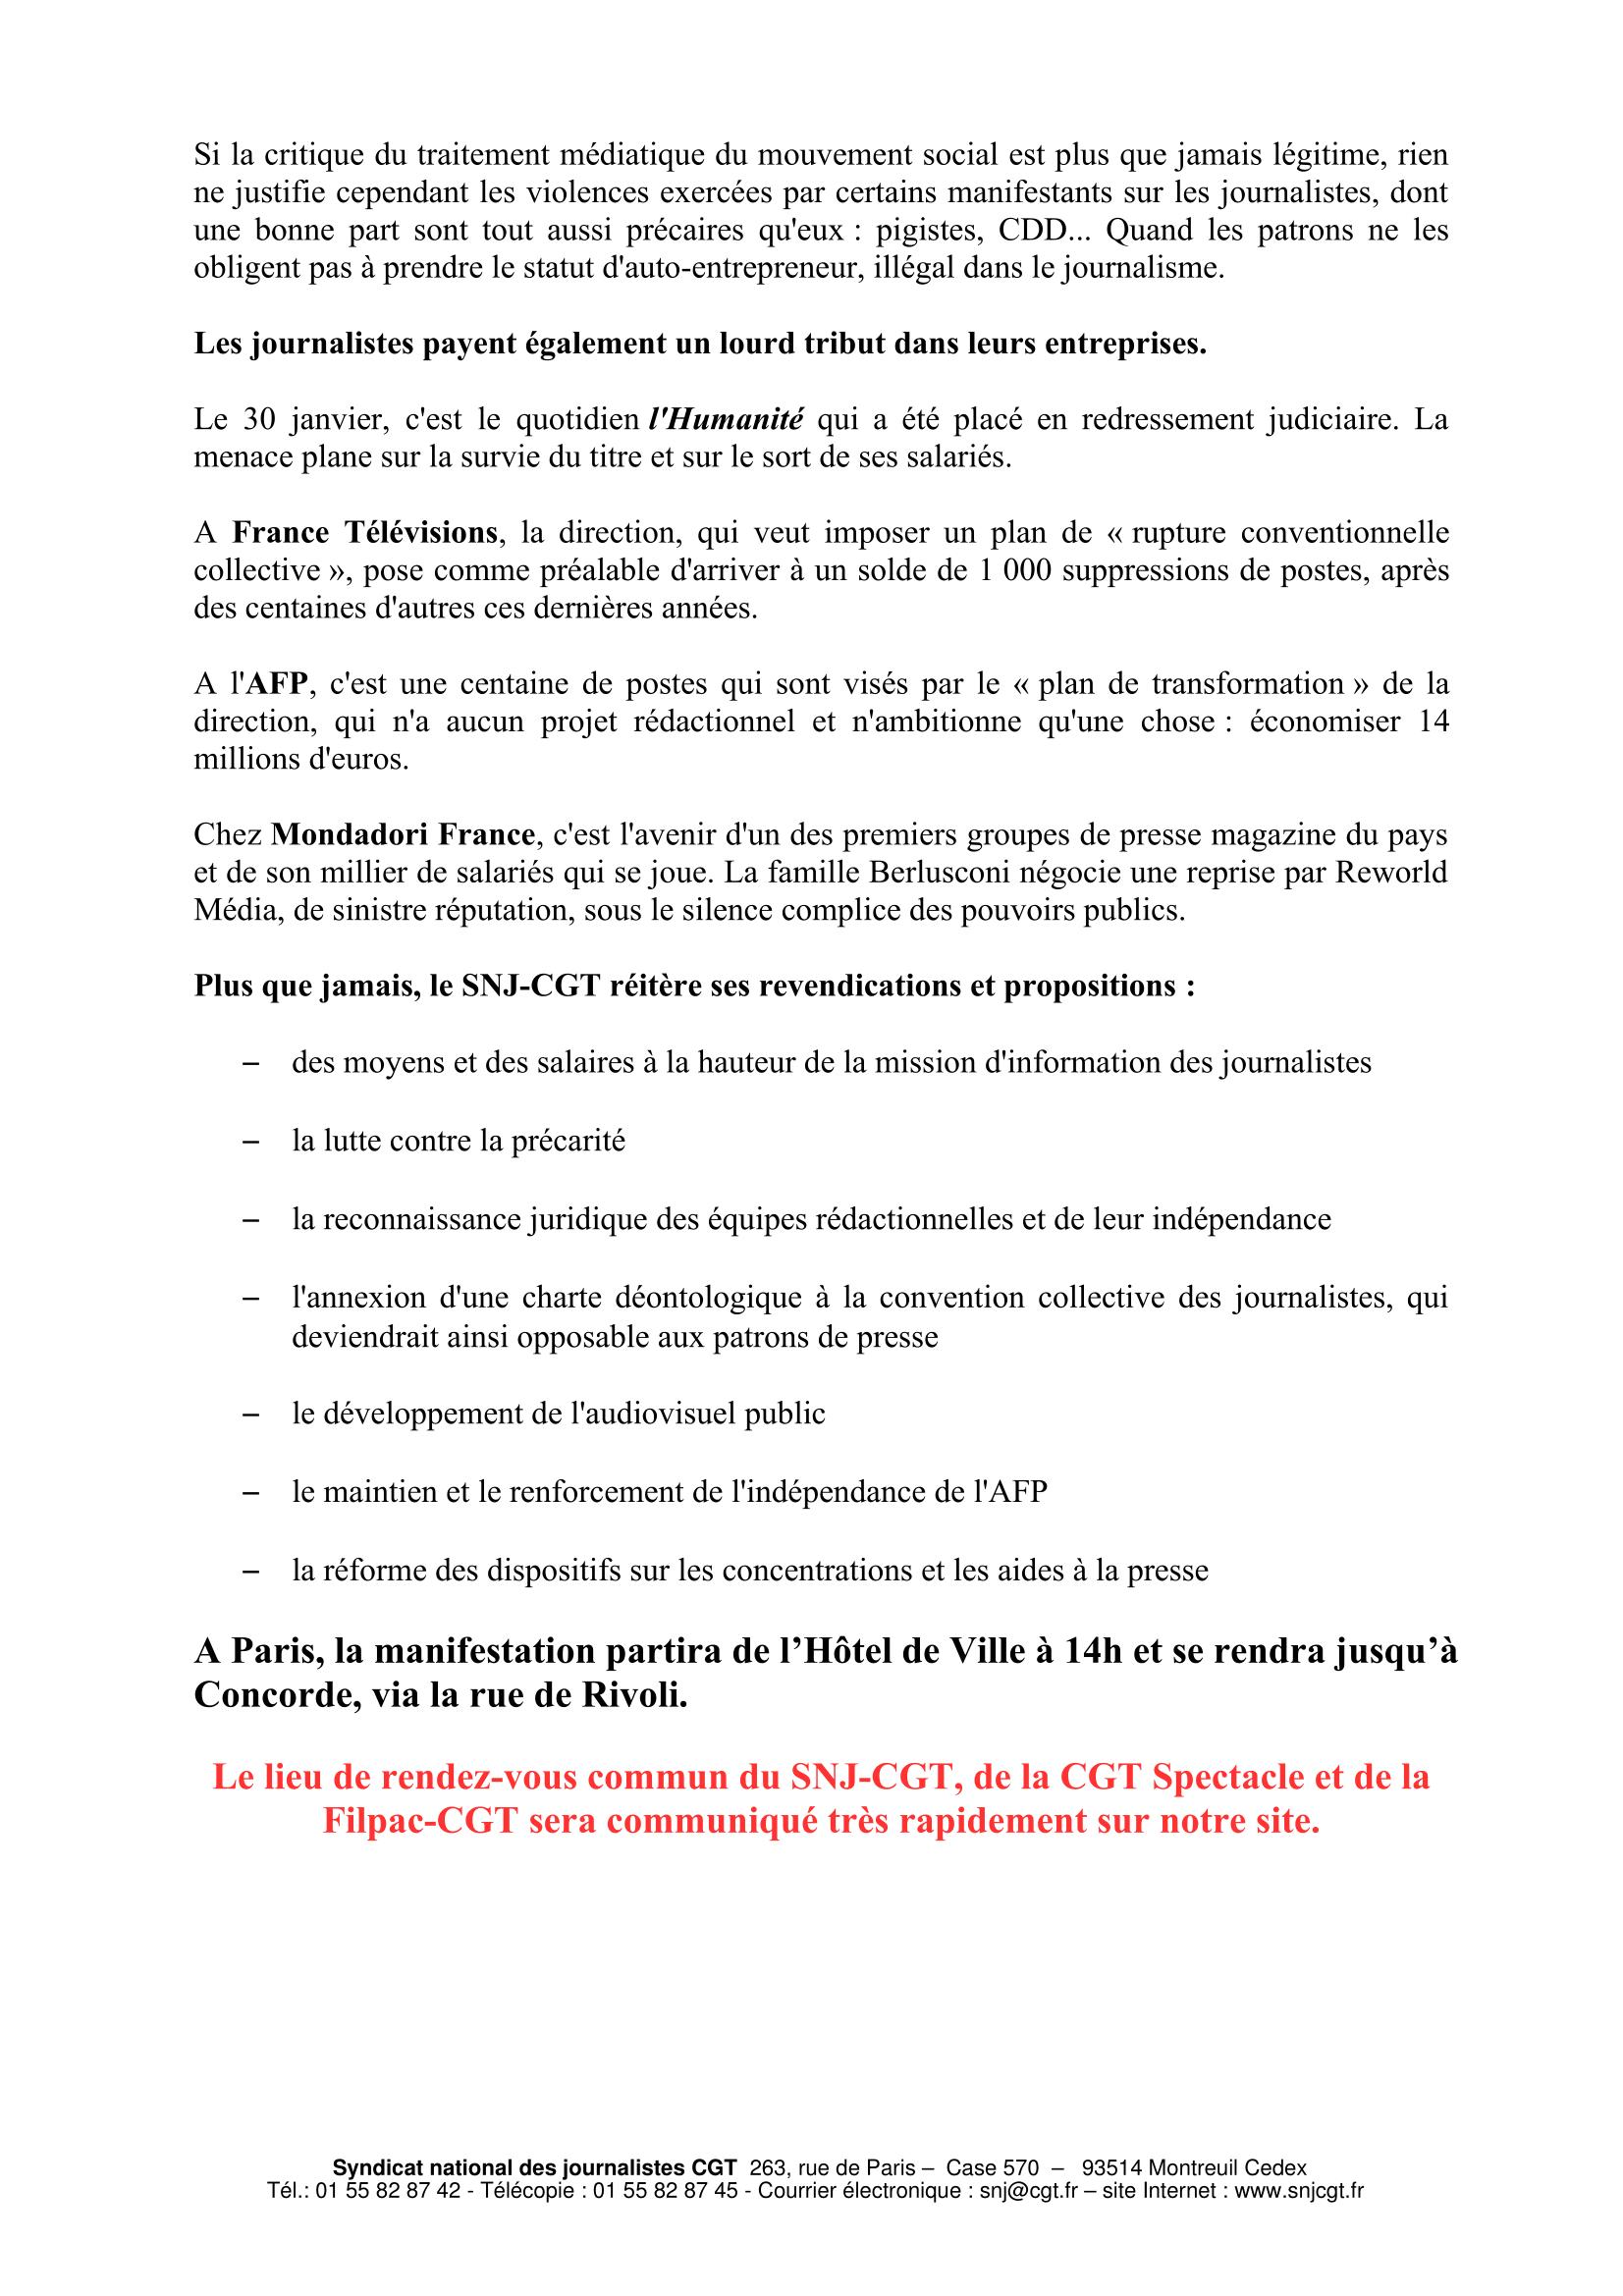 snj-cgt-appel-5-fevrier-2019-2